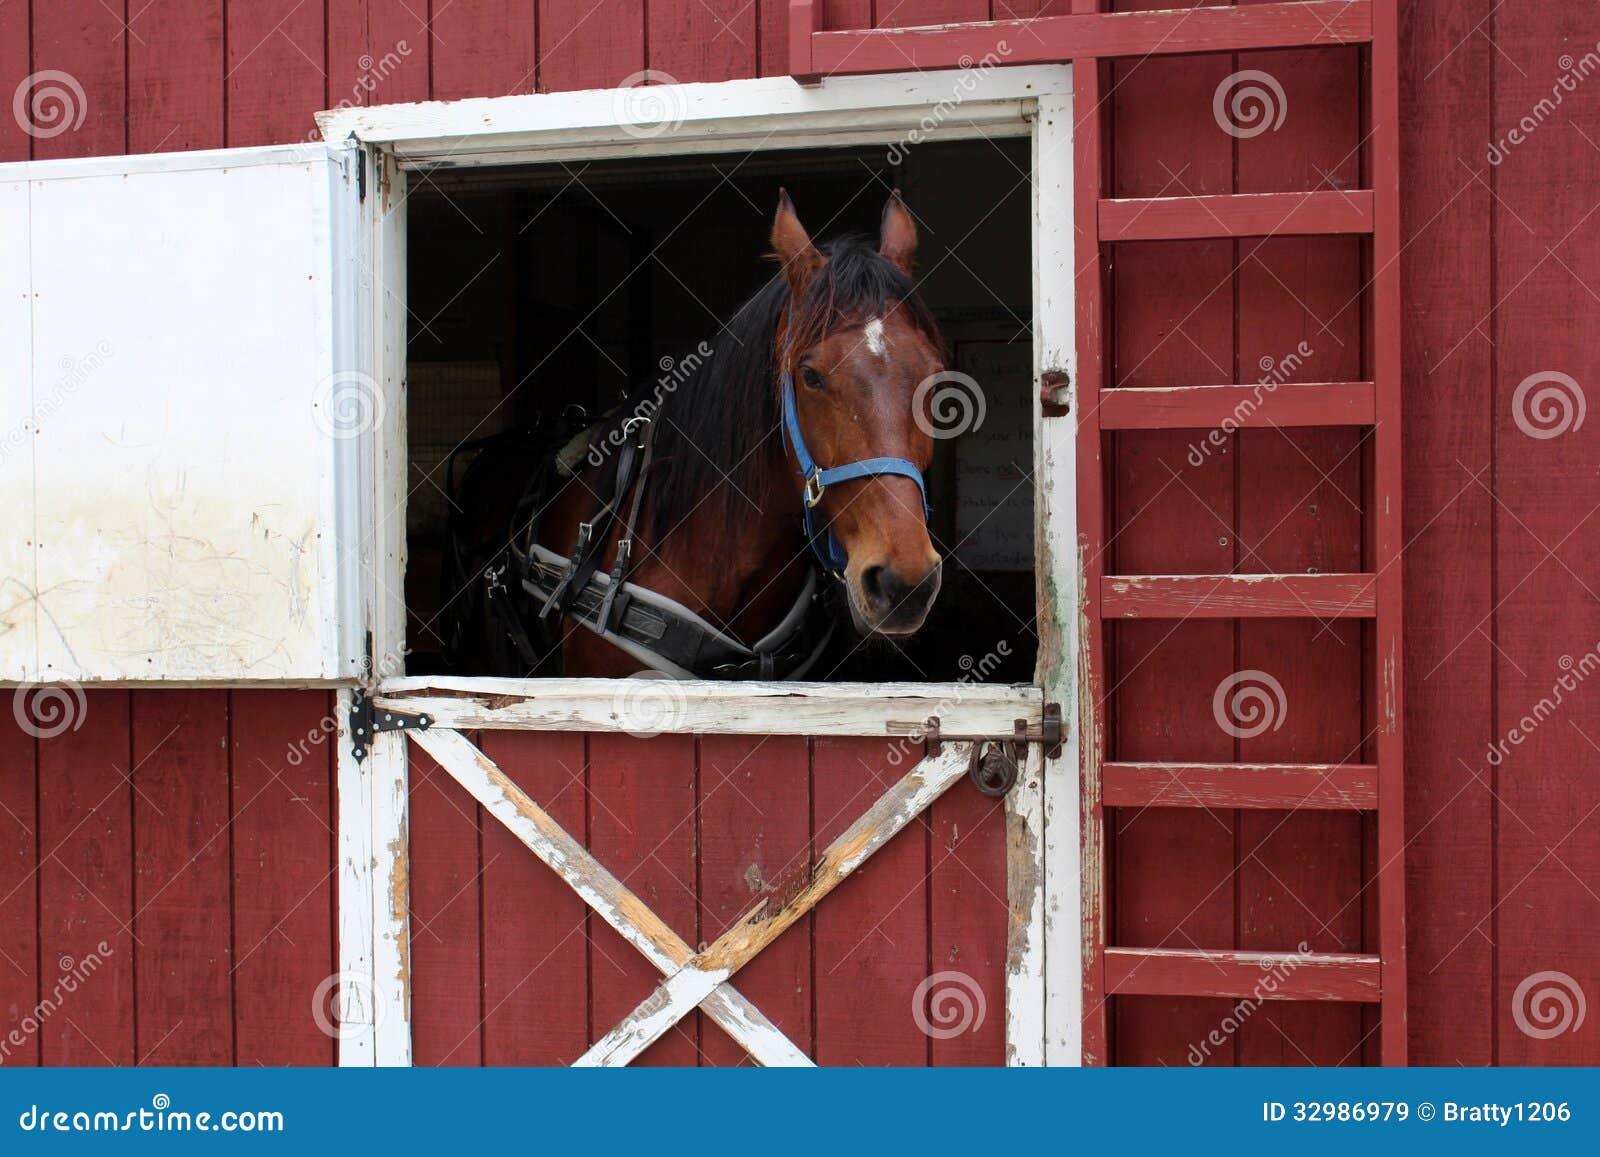 Open red barn doors - Barn